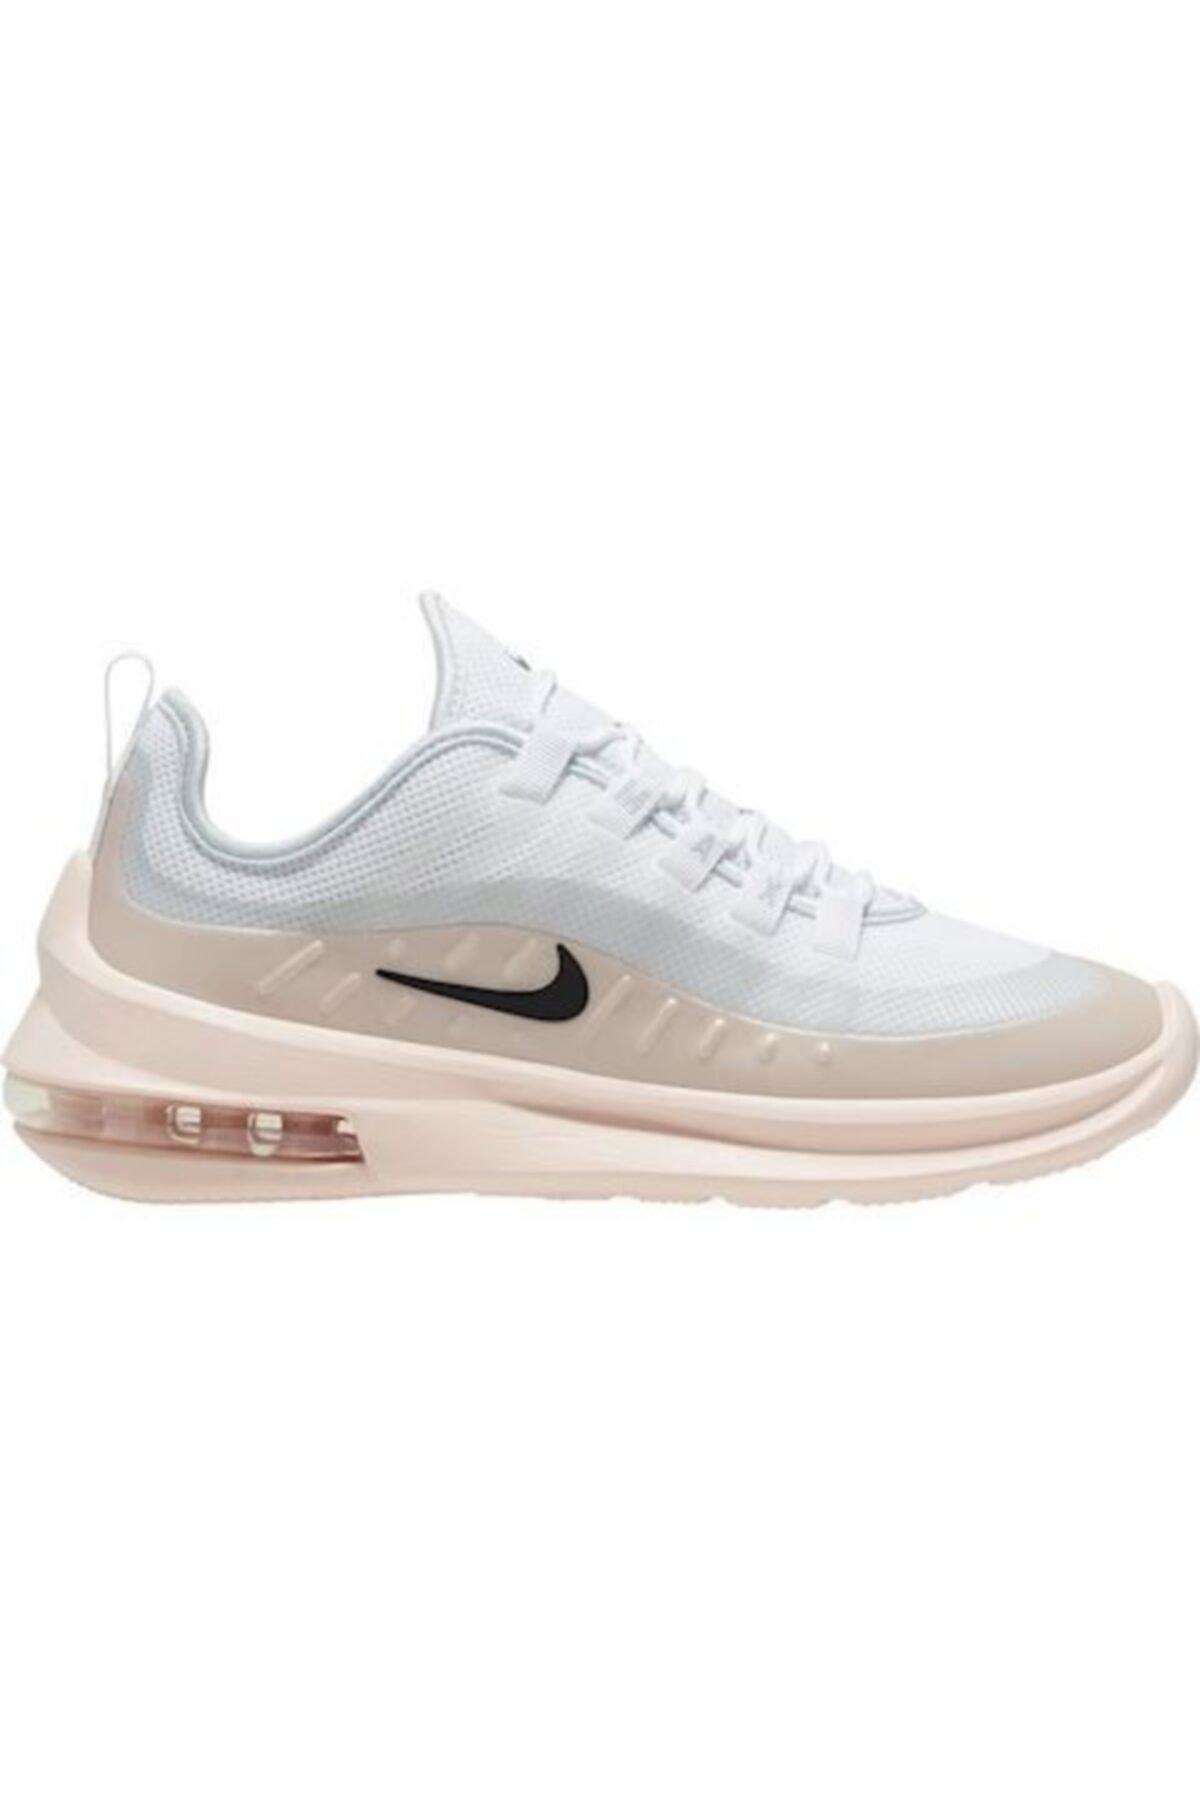 Nike Air Max Axis Kadın Ayakkabı 1